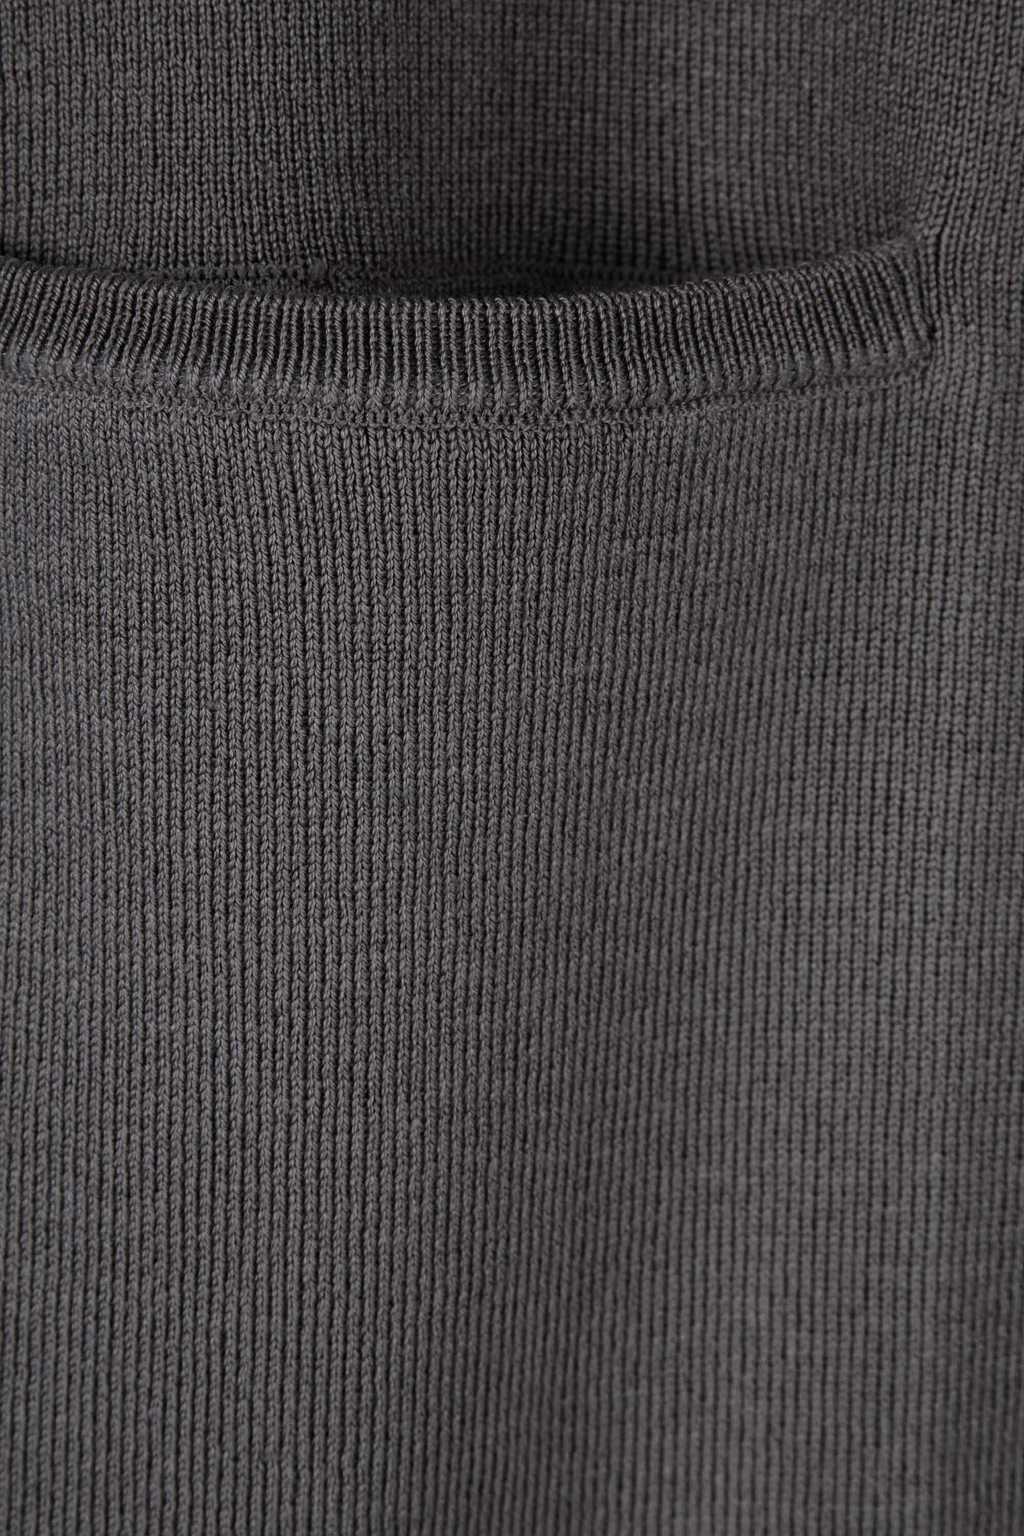 Cardigan 24102019 Gray 10